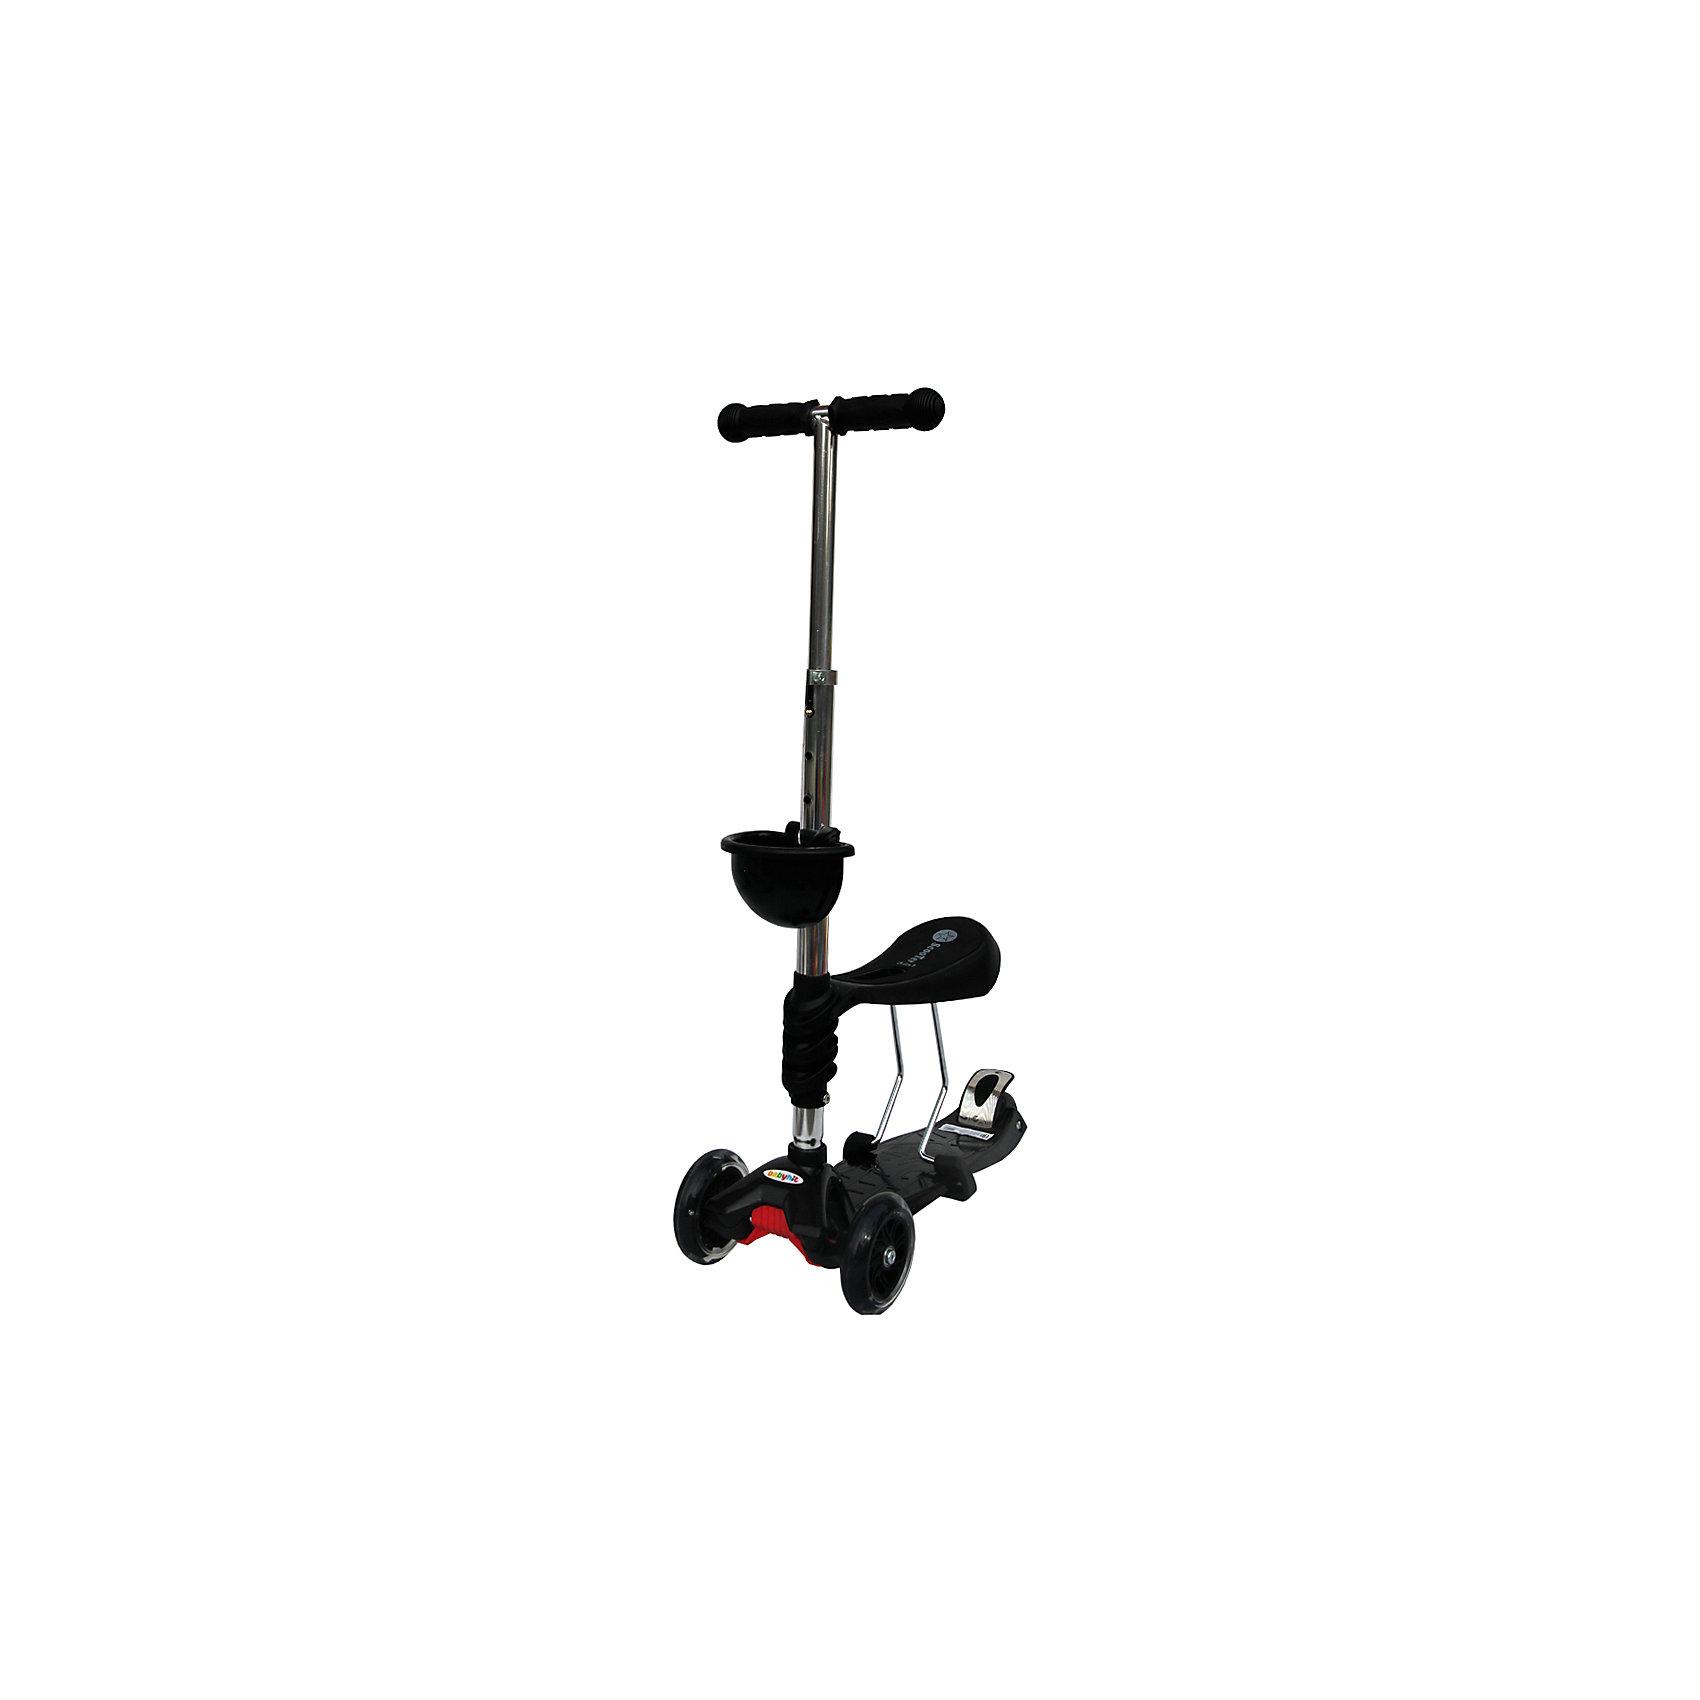 Самокат, черный, ScooterOK TolocarСамокаты<br>Особенности самоката-толокара Babyhit ScooterOk Tolocar:<br>• Для детей от 3-х лет<br>• Регулируемая по высоте ручка (от 65 до 90 см) <br>• Силиконовые колеса со светодиодной подсветкой<br>• Задние сдвоенные колеса для большей устойчивости<br>• Съемное сидение, превращающее самокат в толокар (на высоте 40 см)<br>• Корзинка для мелочей<br>• Усиленная платформа <br>• Высокое качество применяемых материалов<br>• Диаметр колес: передние – 120 мм, задние – 80 мм<br>• Максимальная нагрузка - до 40 кг<br><br>Ширина мм: 600<br>Глубина мм: 145<br>Высота мм: 280<br>Вес г: 3660<br>Цвет: черный<br>Возраст от месяцев: 36<br>Возраст до месяцев: 2147483647<br>Пол: Унисекс<br>Возраст: Детский<br>SKU: 5614422